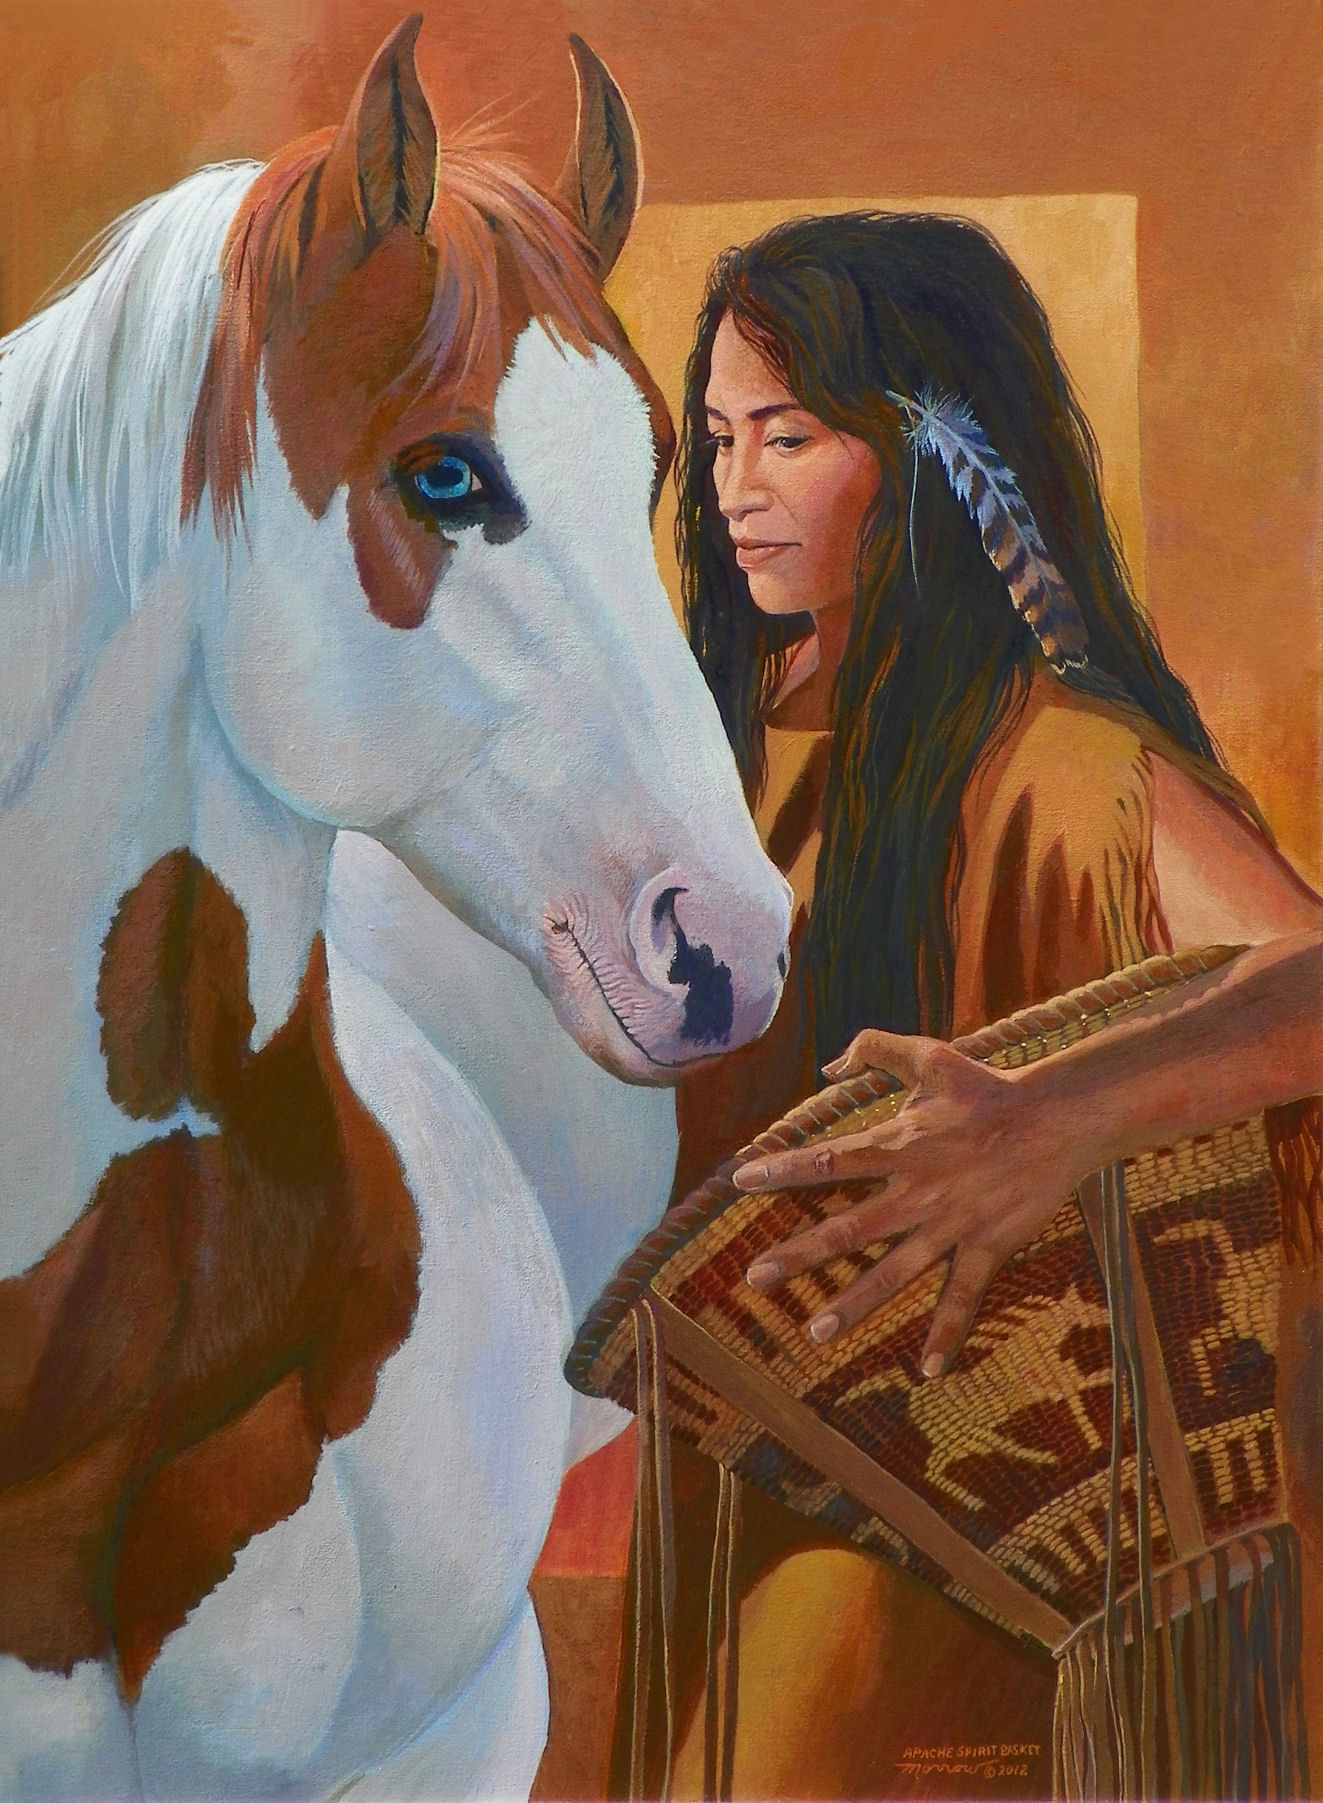 Kathy Morrow: Apache Spirit Basket